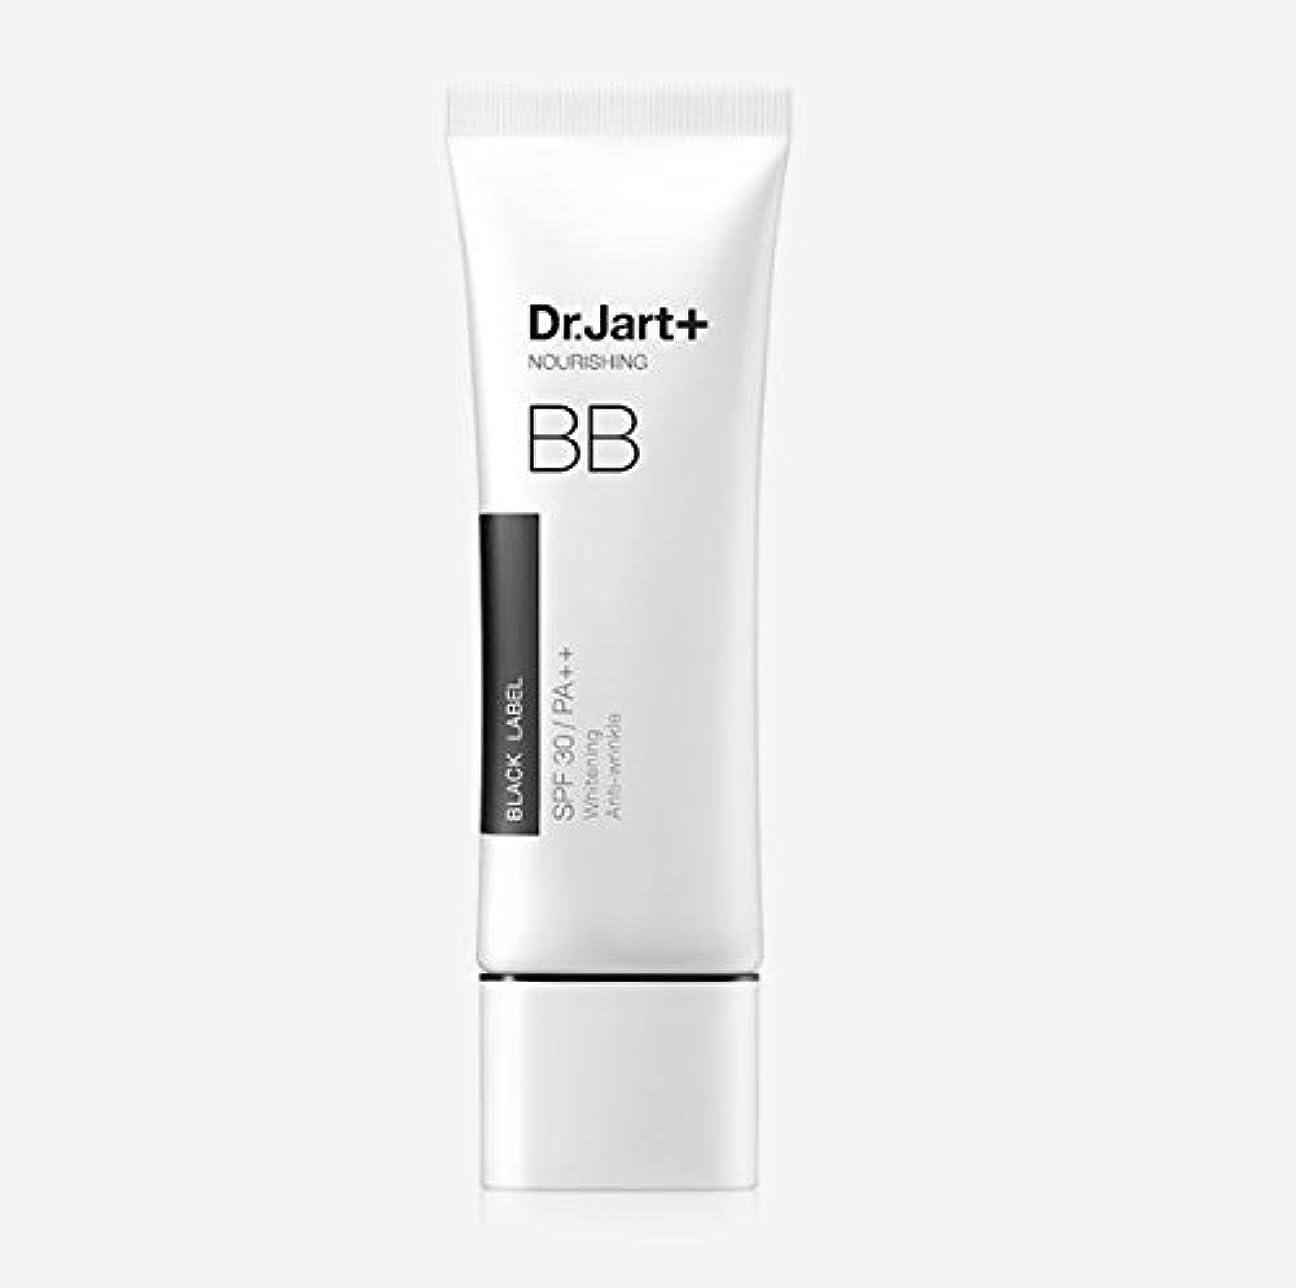 悪の産地印象派[Dr. Jart] Black Label BB Nourishing Beauty Balm 50ml SPF30 PA++/[ドクタージャルト] ブラックラベル BB ナリーシン ビューティー バーム 50ml SPF30...